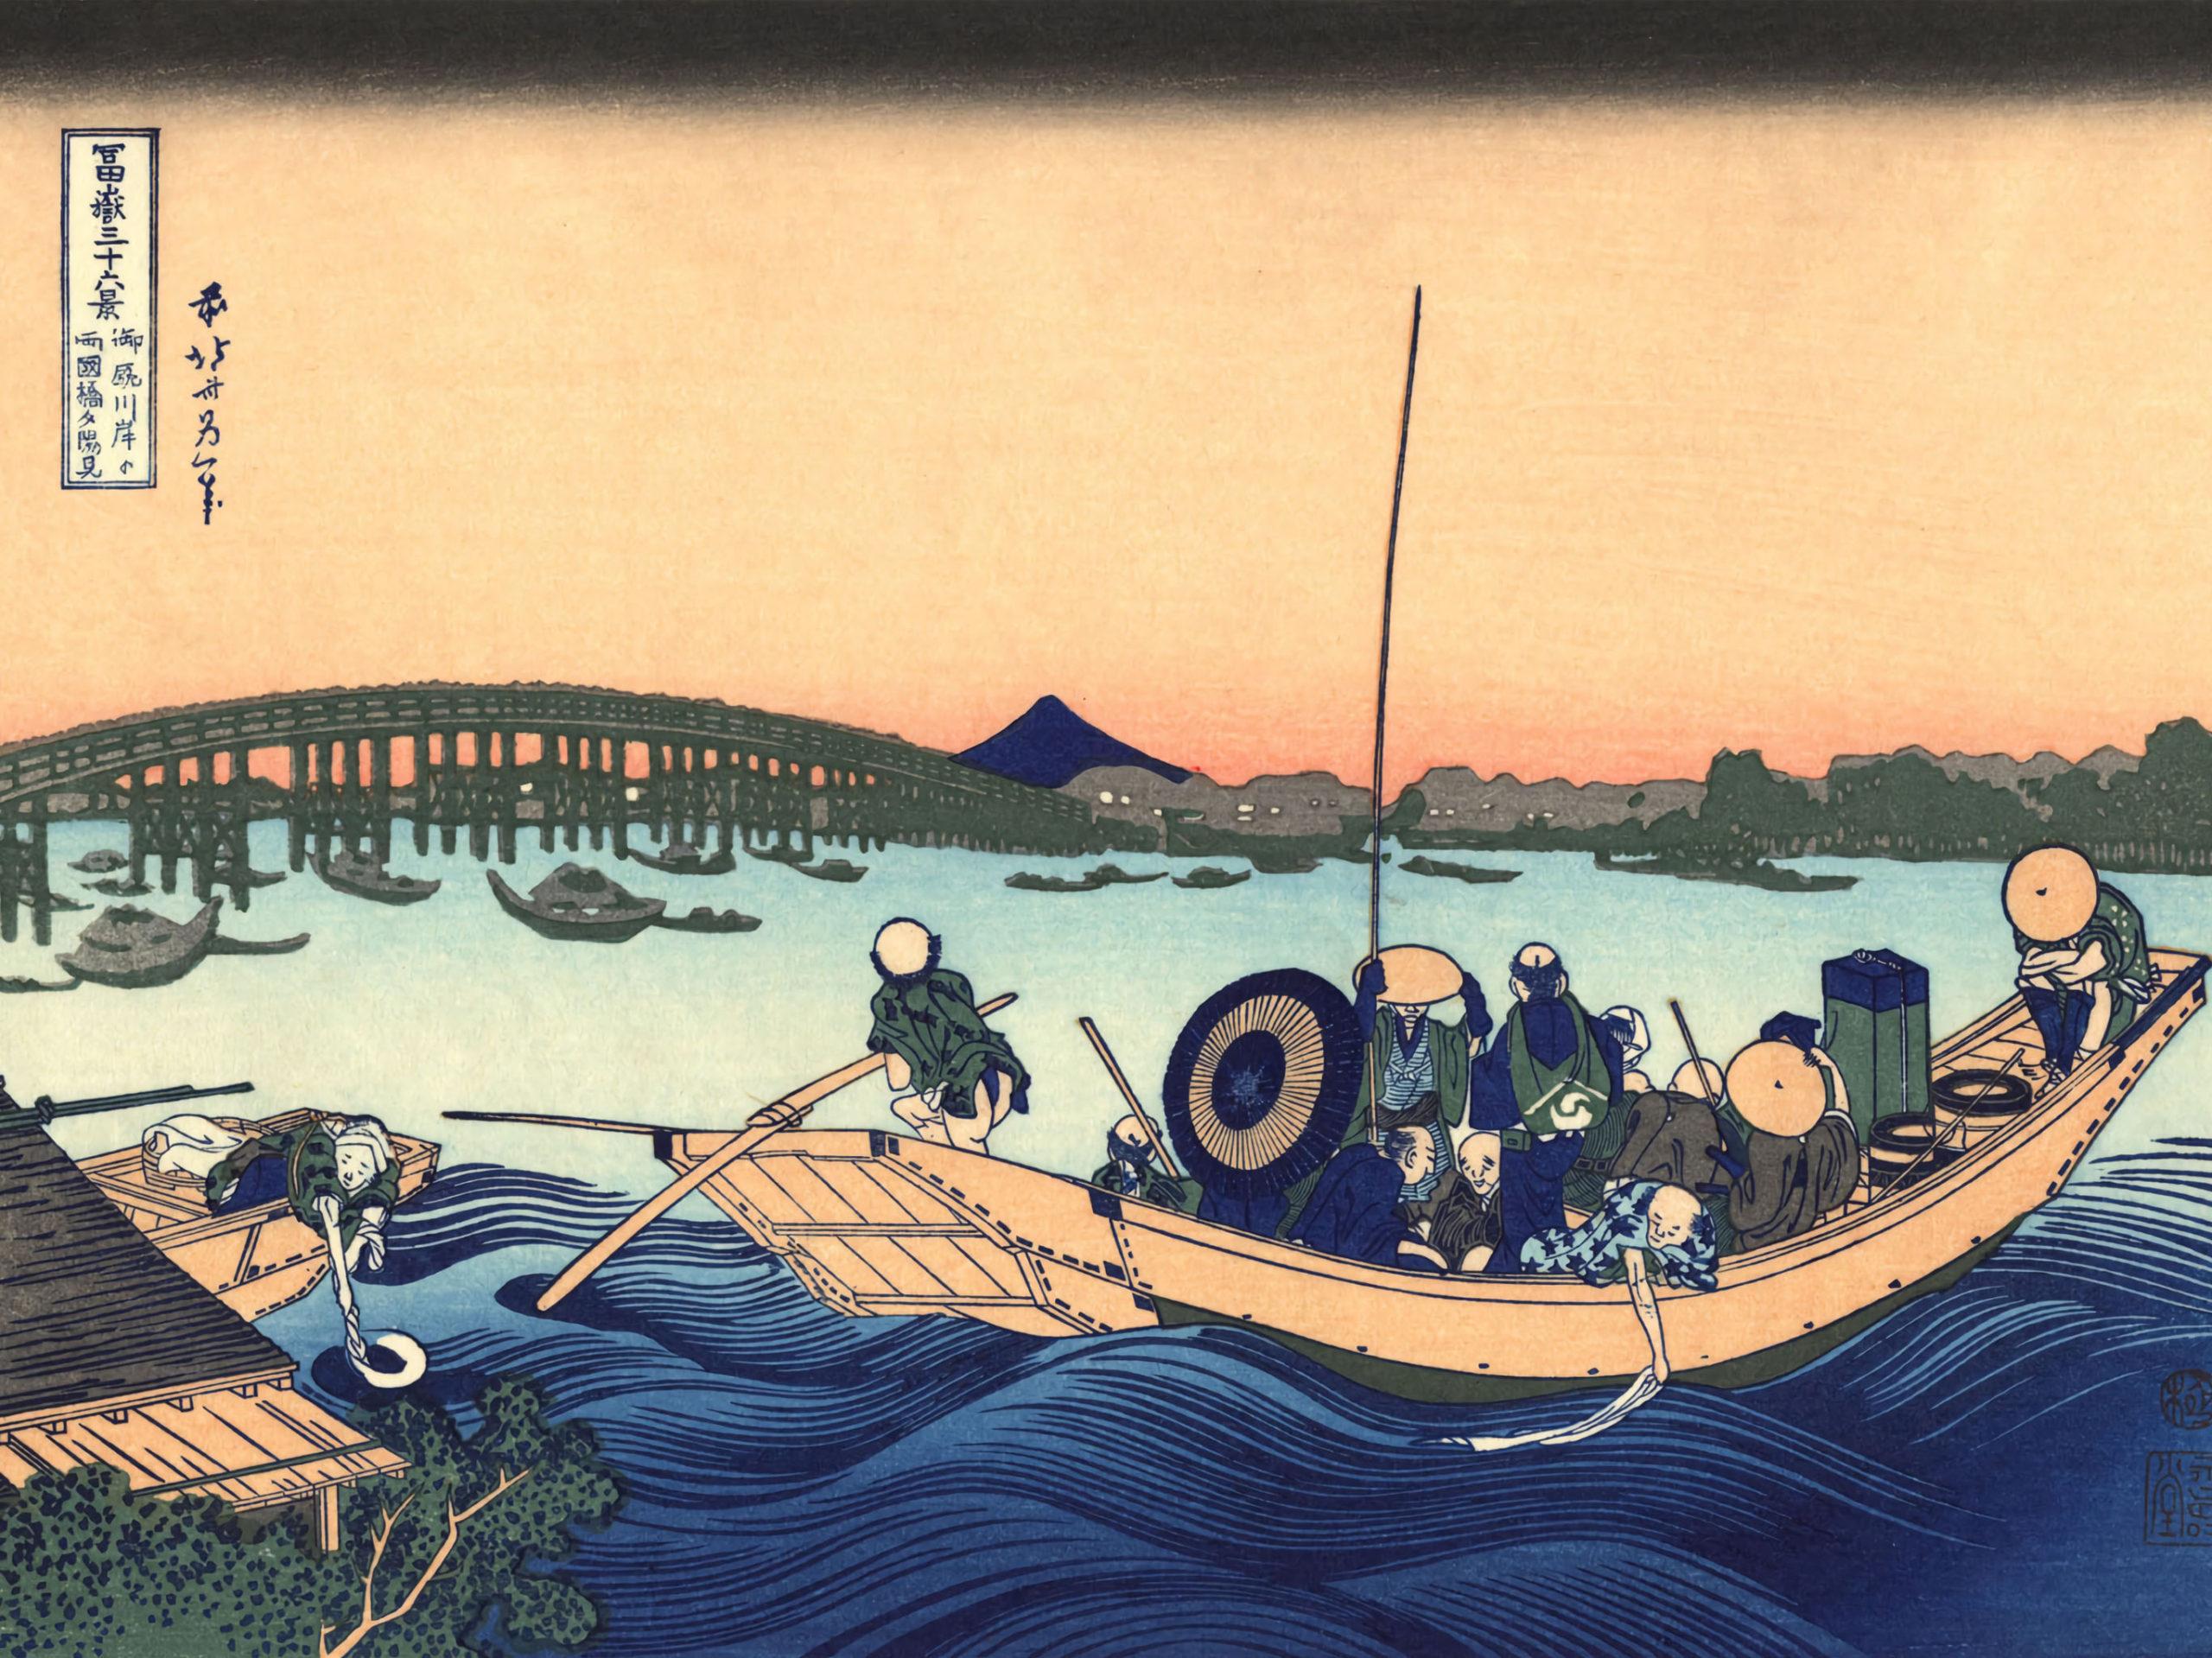 Katsushika Hokusai - Onmagashi yori ryogokubashi yuhi mi 2732x2048